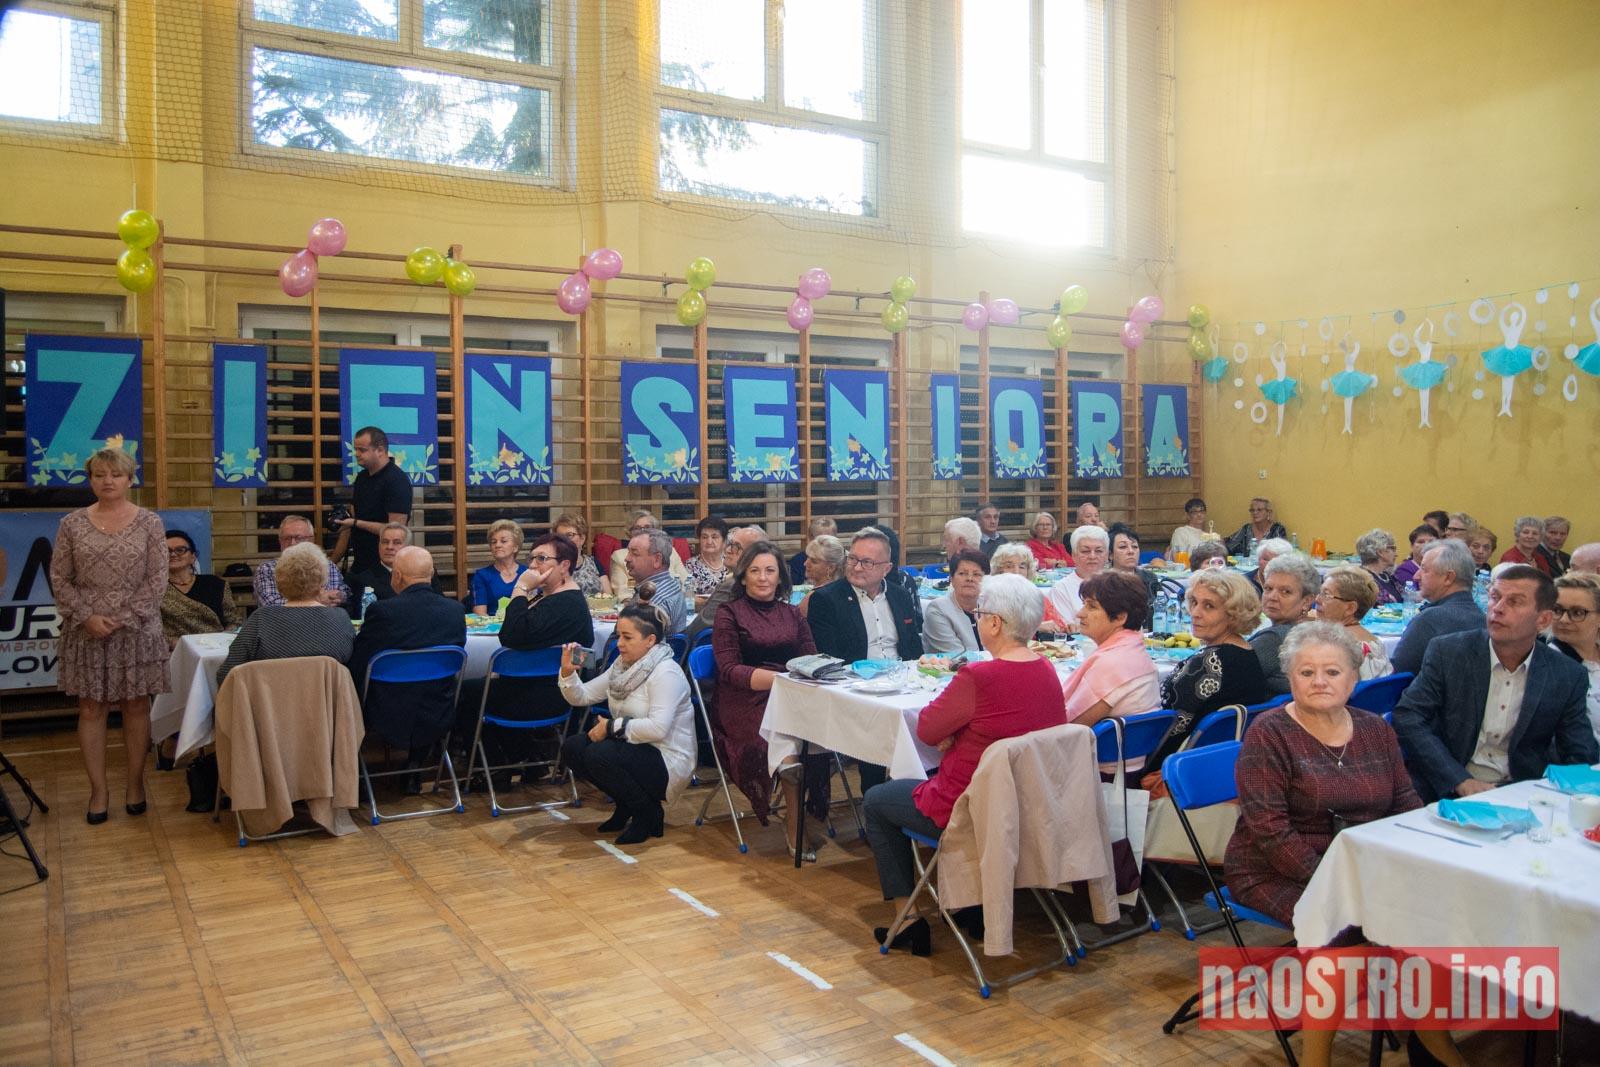 NaOSTRO dzień seniora cmielow-3